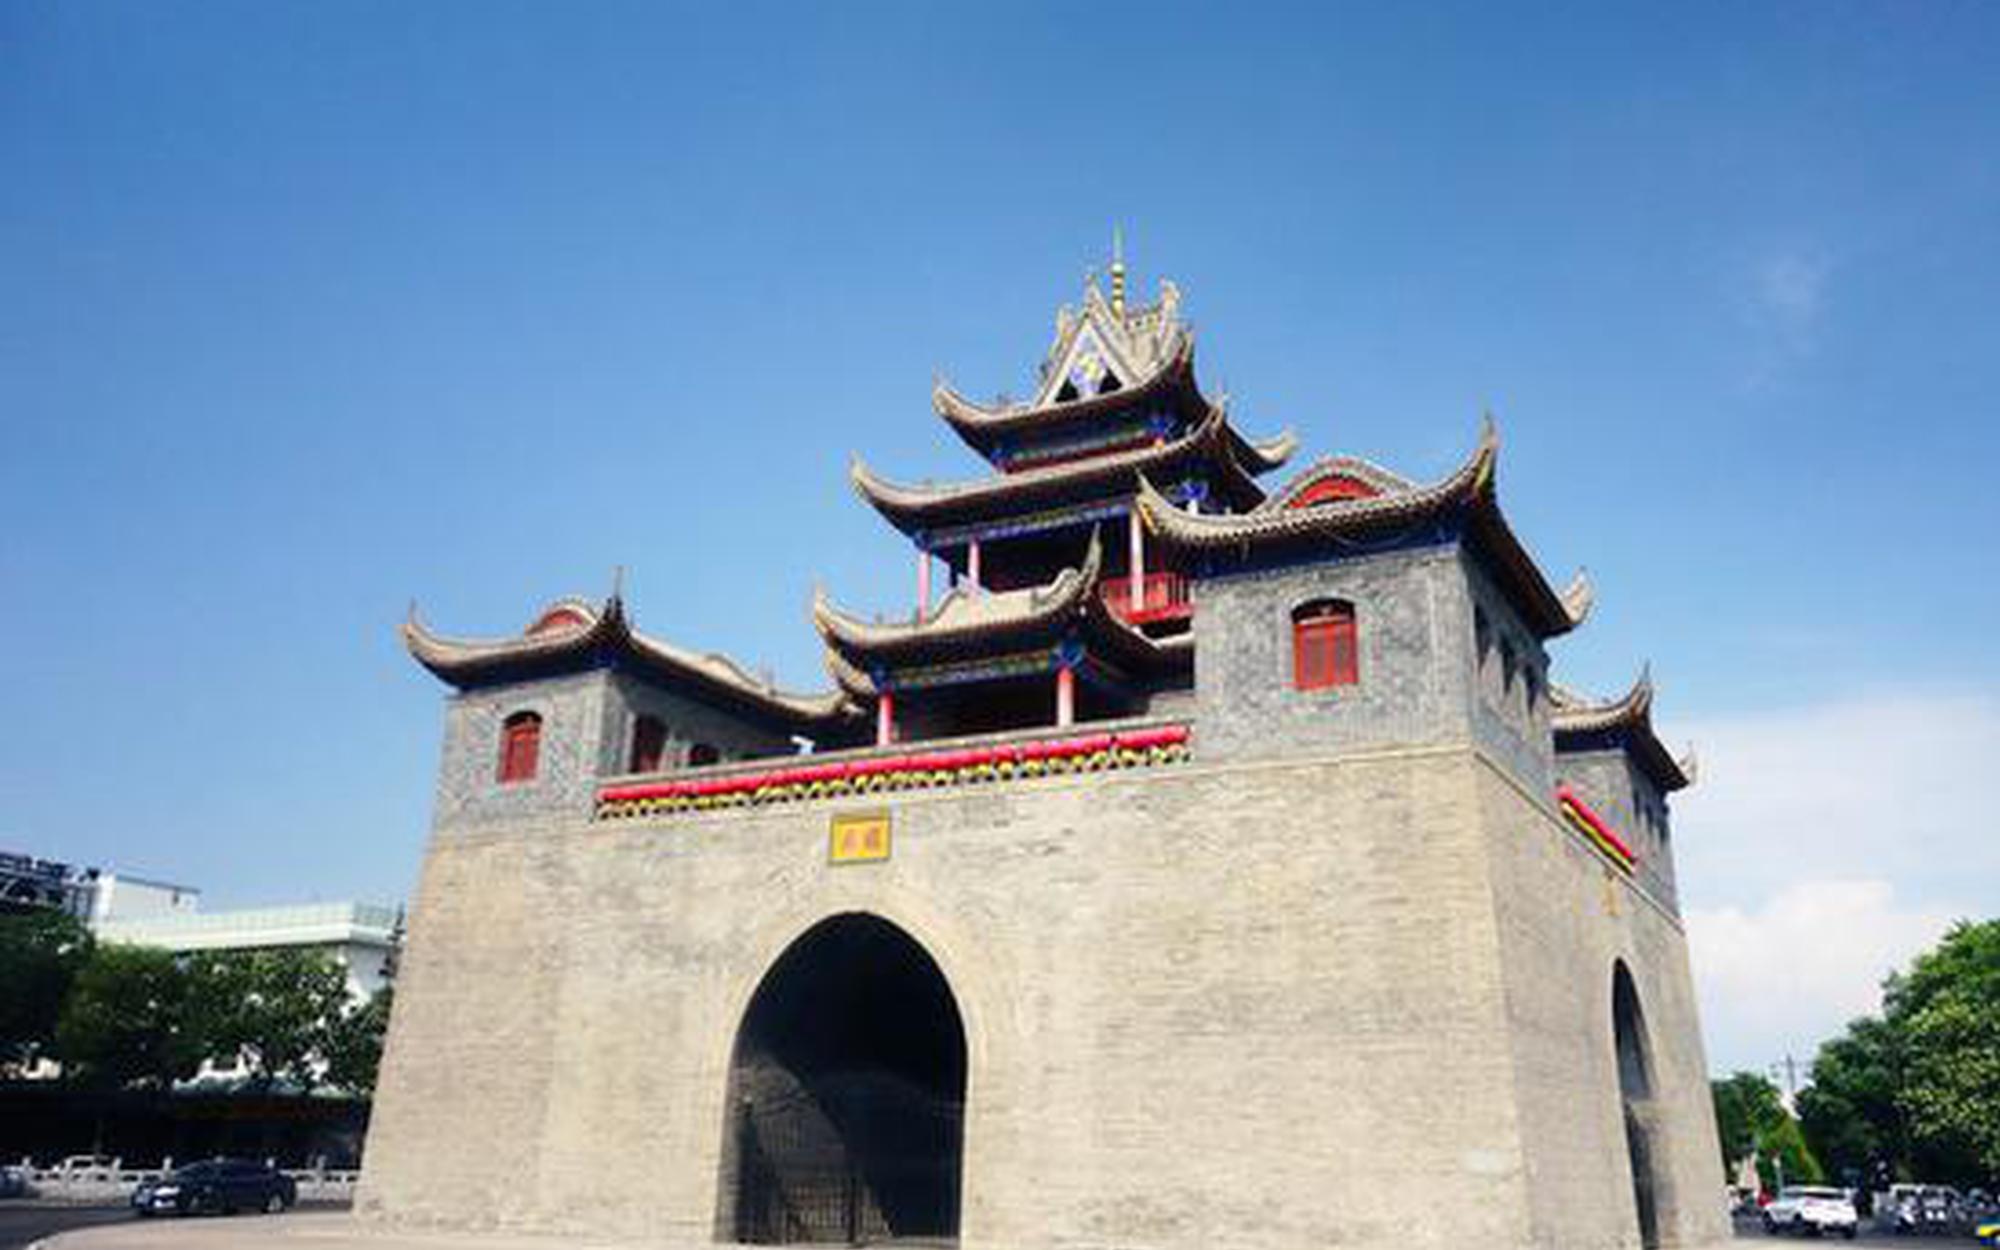 银川鼓楼-玉皇阁被划定为历史文化街区